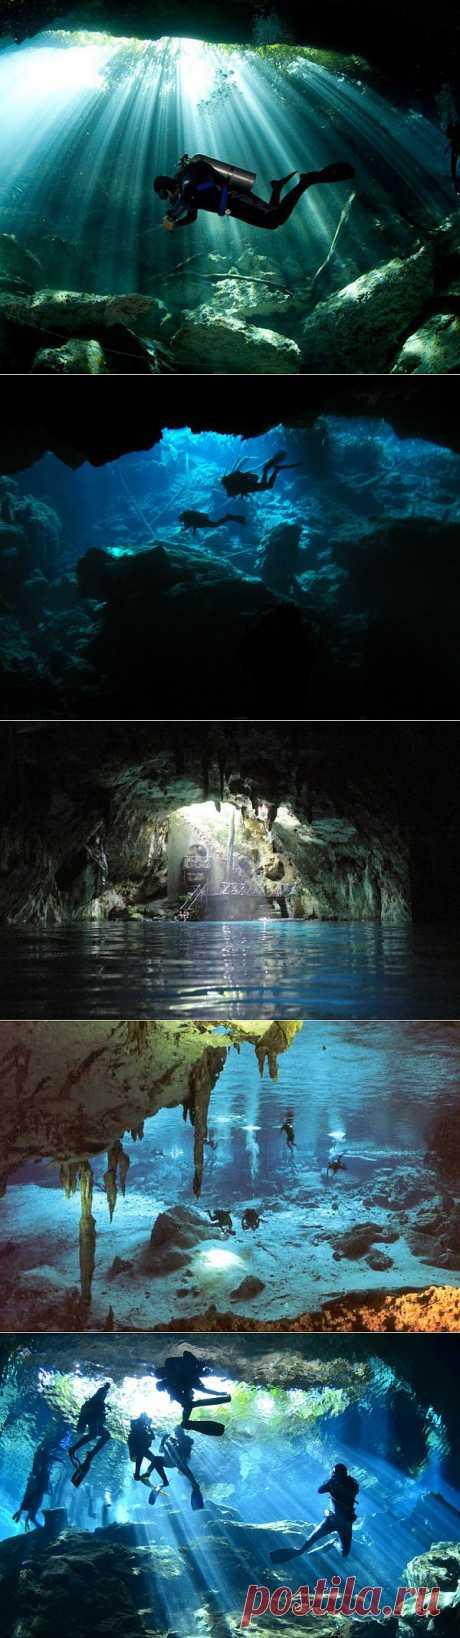 Удивительные и непредсказуемые Мексиканские священные сеноты Майя. При исследовании этих подземных пещер мы уже обнаружили подводное кладбище, разные наскальные изображения под водой, а также костровища и лежбища земного народа живущего когда то в Мексике.  История этой страны рассказывается в одном тоне, но опровержение истории кажется возможно найти под водой, однако священные сеноты появились намного раньше народа Майя и остается открытым вопрос а какую письменность мы находим?